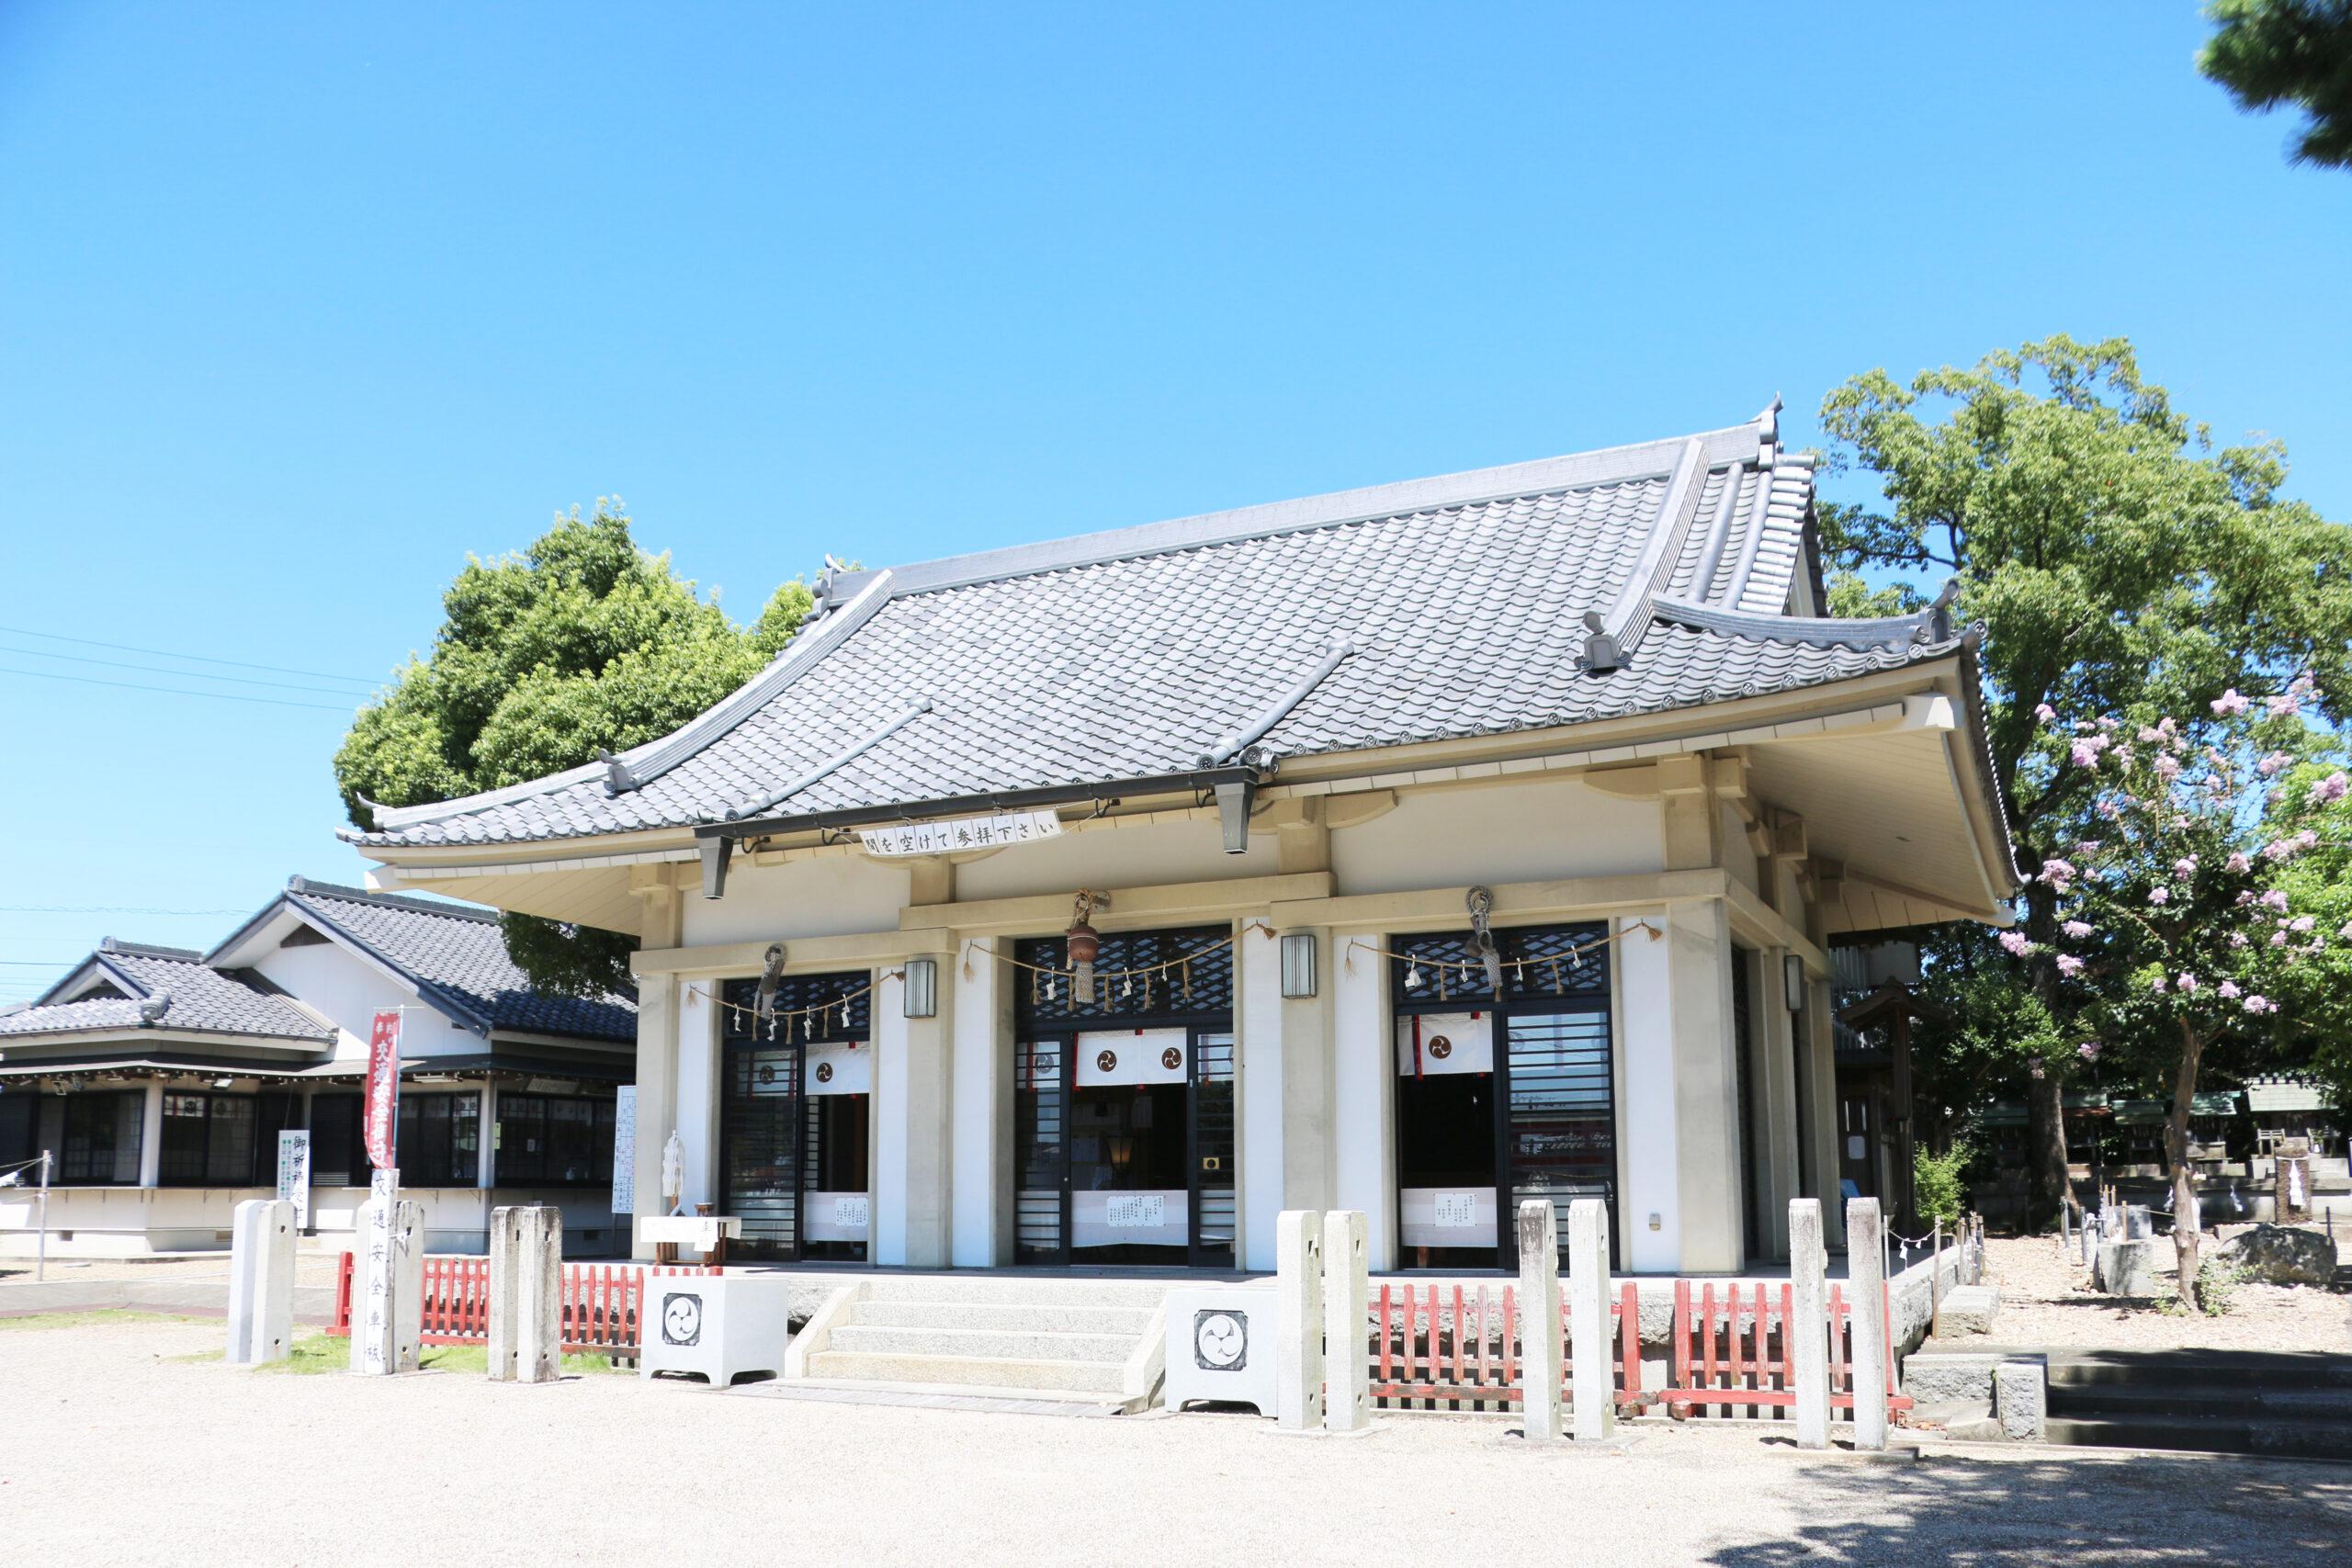 アトリエカラフル野外スケッチ会 in 「乙川八幡社」 イメージ画像